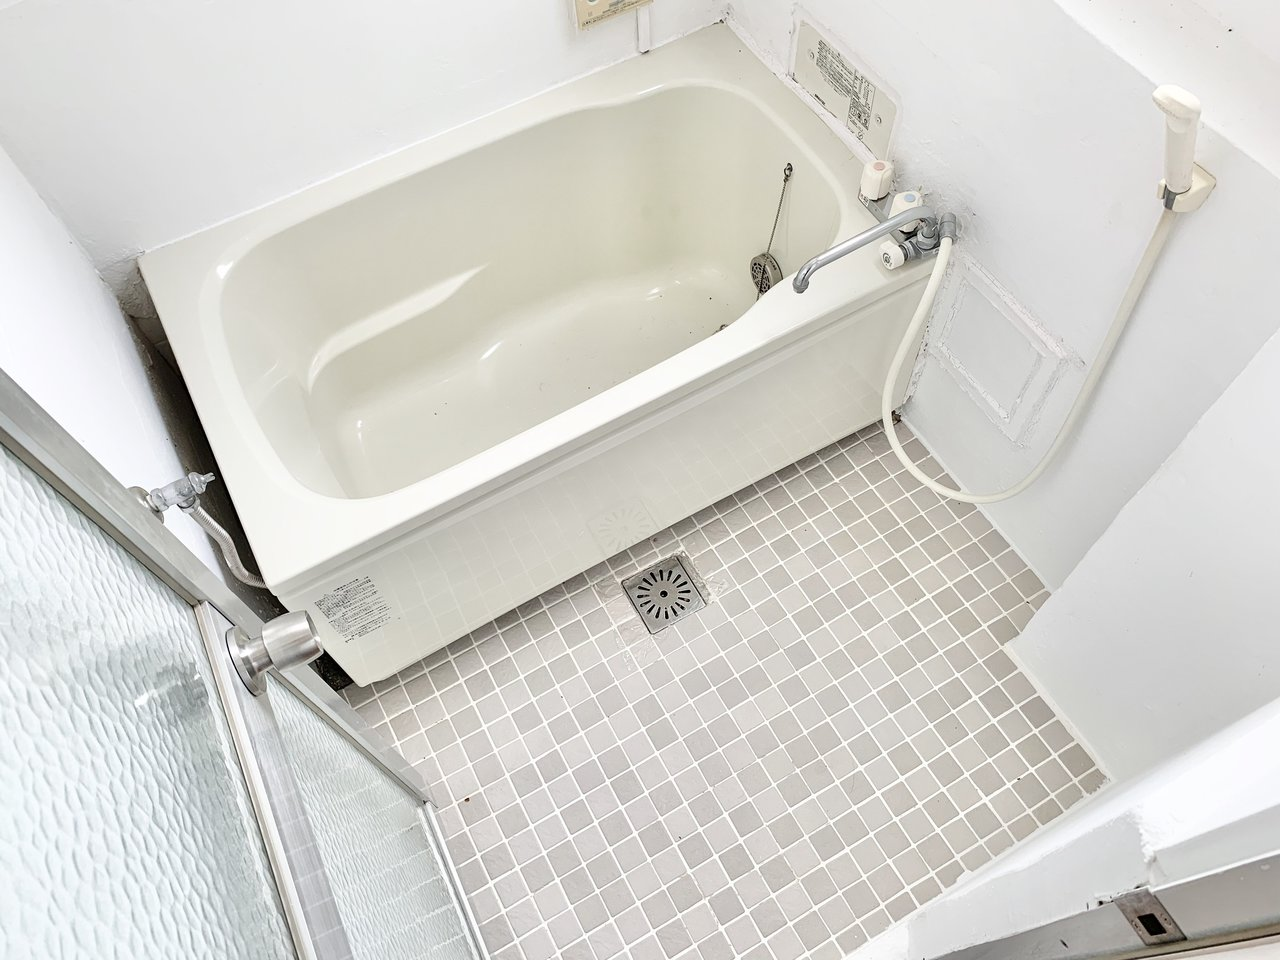 バス・トイレは別。バスルームもおしゃれなタイルが敷かれて、清潔感がありましたよ。